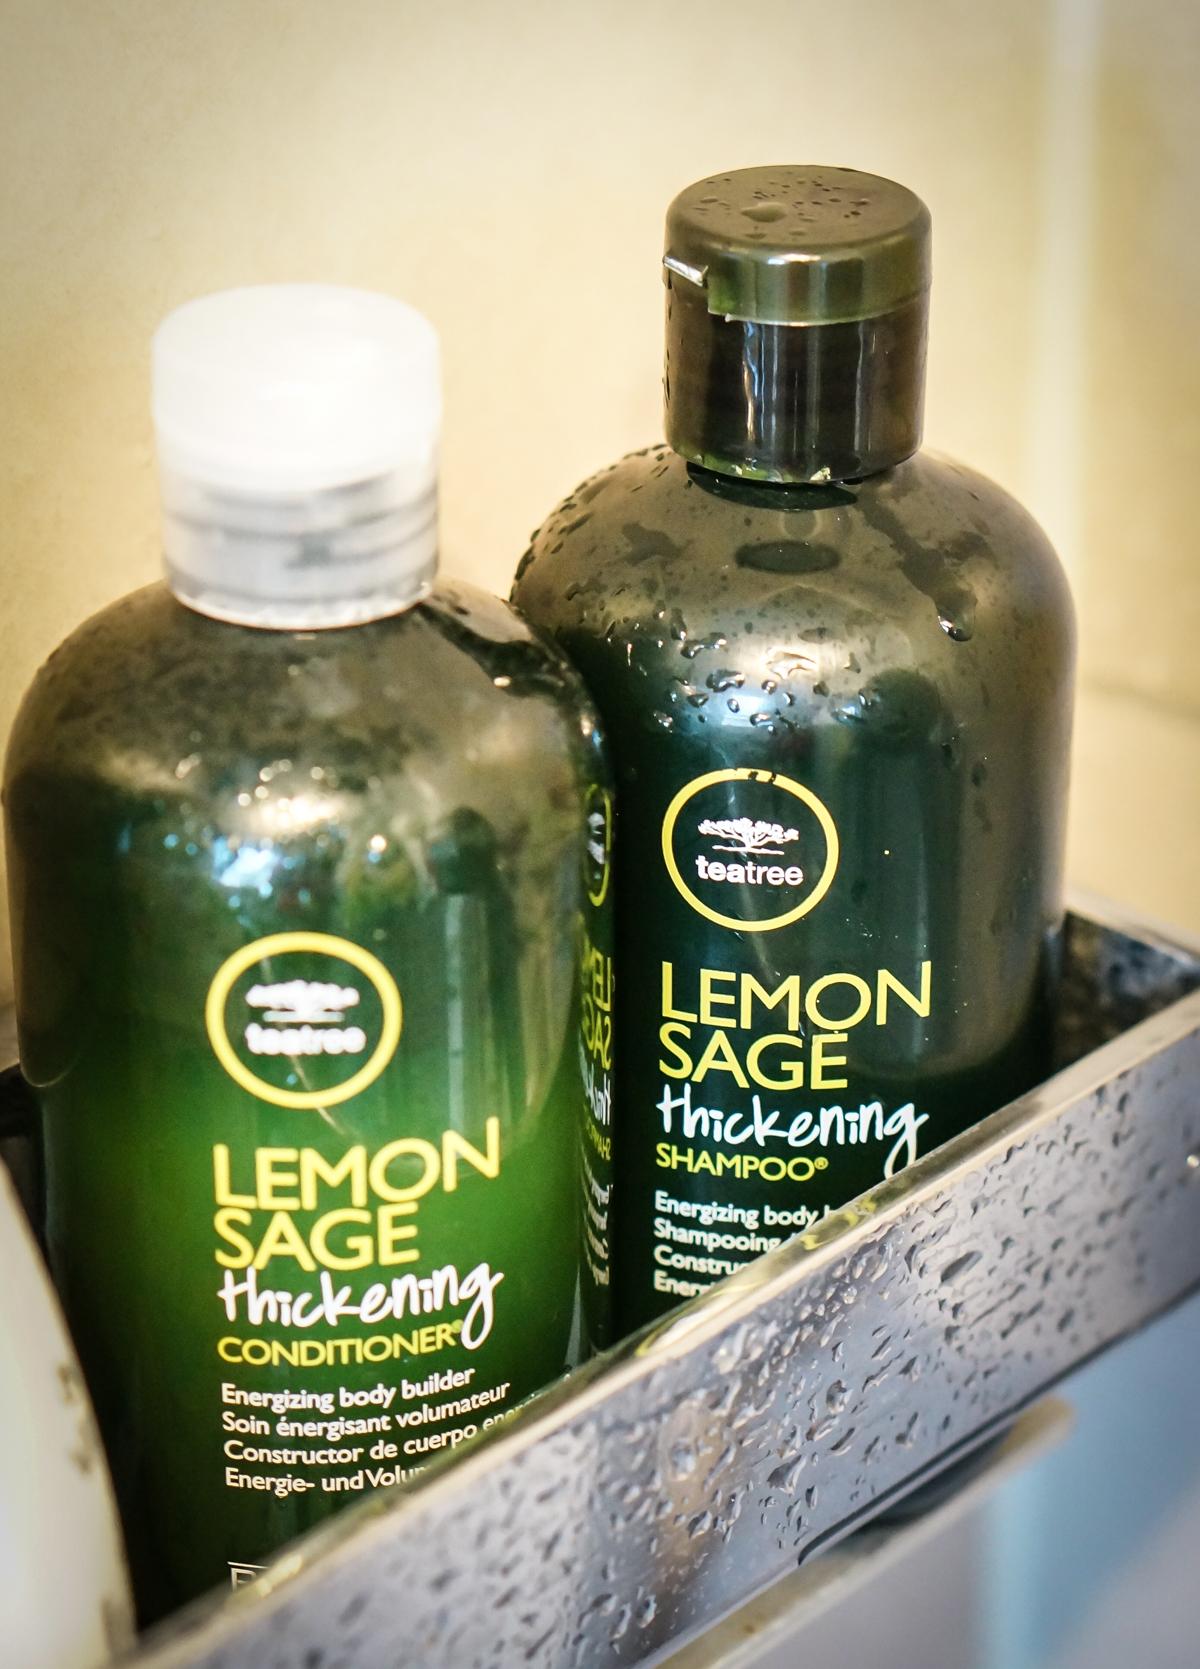 Lemon Sage Thickening Shampoo & Conditioner von Paul Mitchell aus seiner Tea Tree Serie